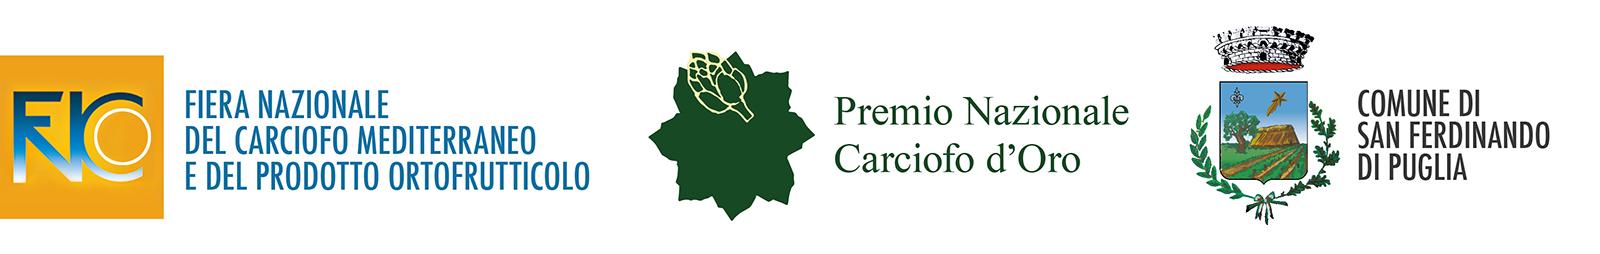 Fiera Nazionale del Carciofo Mediterraneo e del Prodotto Ortofrutticolo di San Ferdinando di Puglia